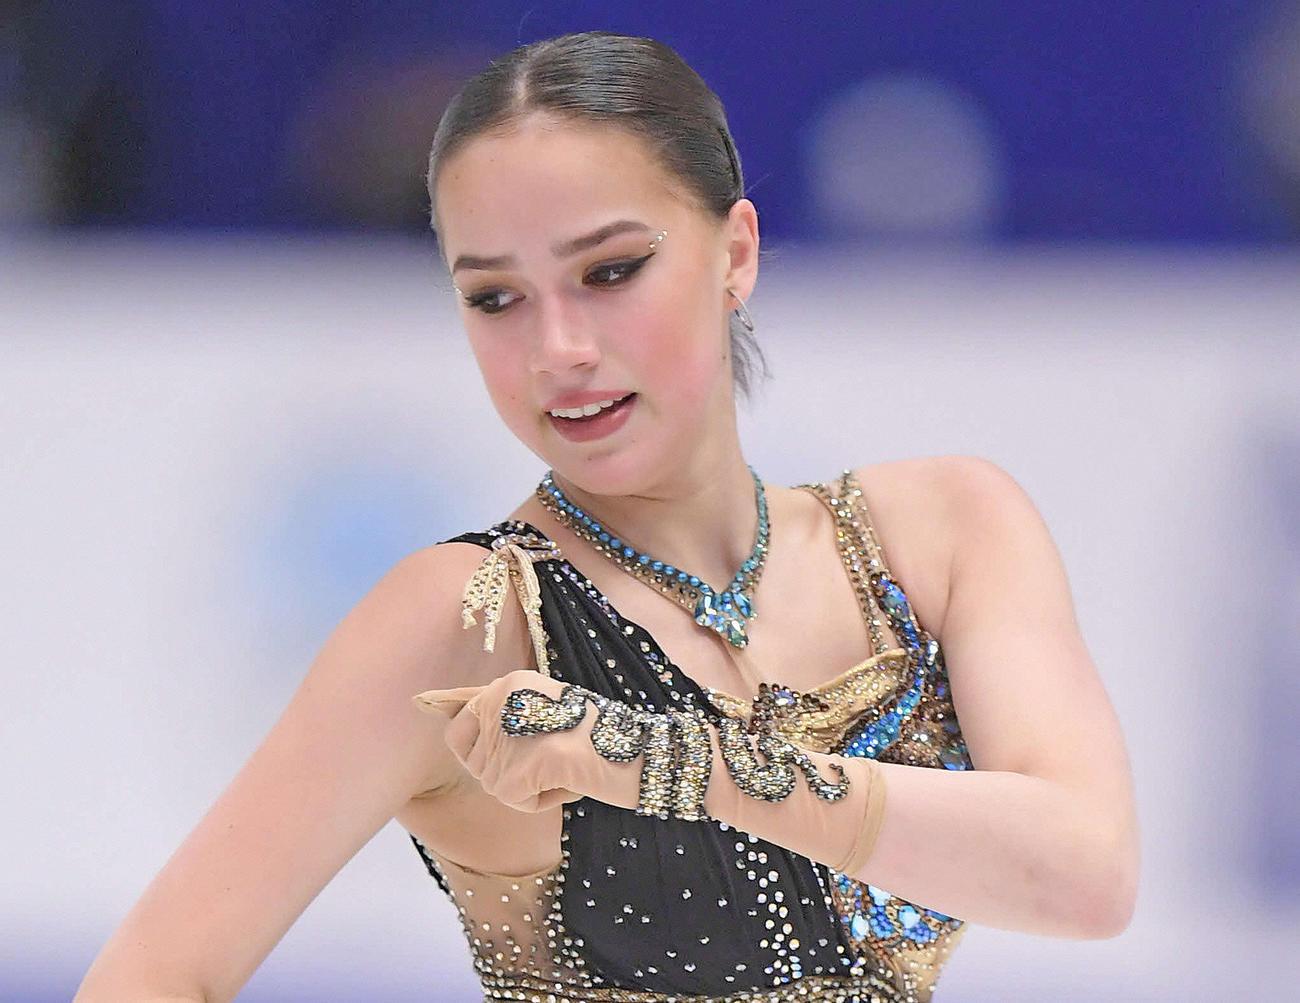 アリーナ・ザギトワ(2019年11月23日撮影)